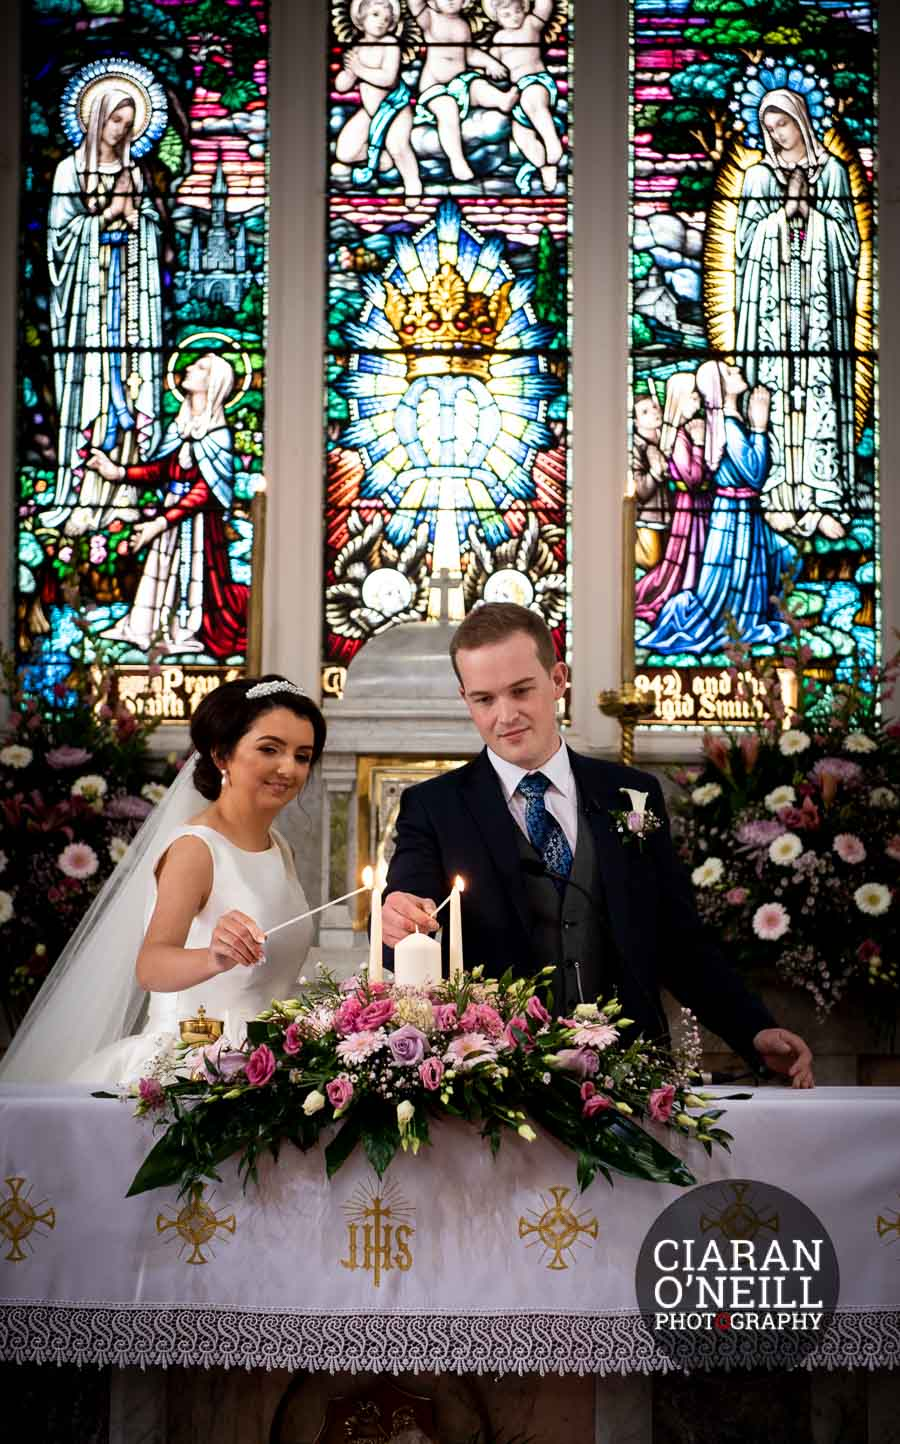 Darver Castle Wedding Rebecca Amp Stephen Ciaran O Neill